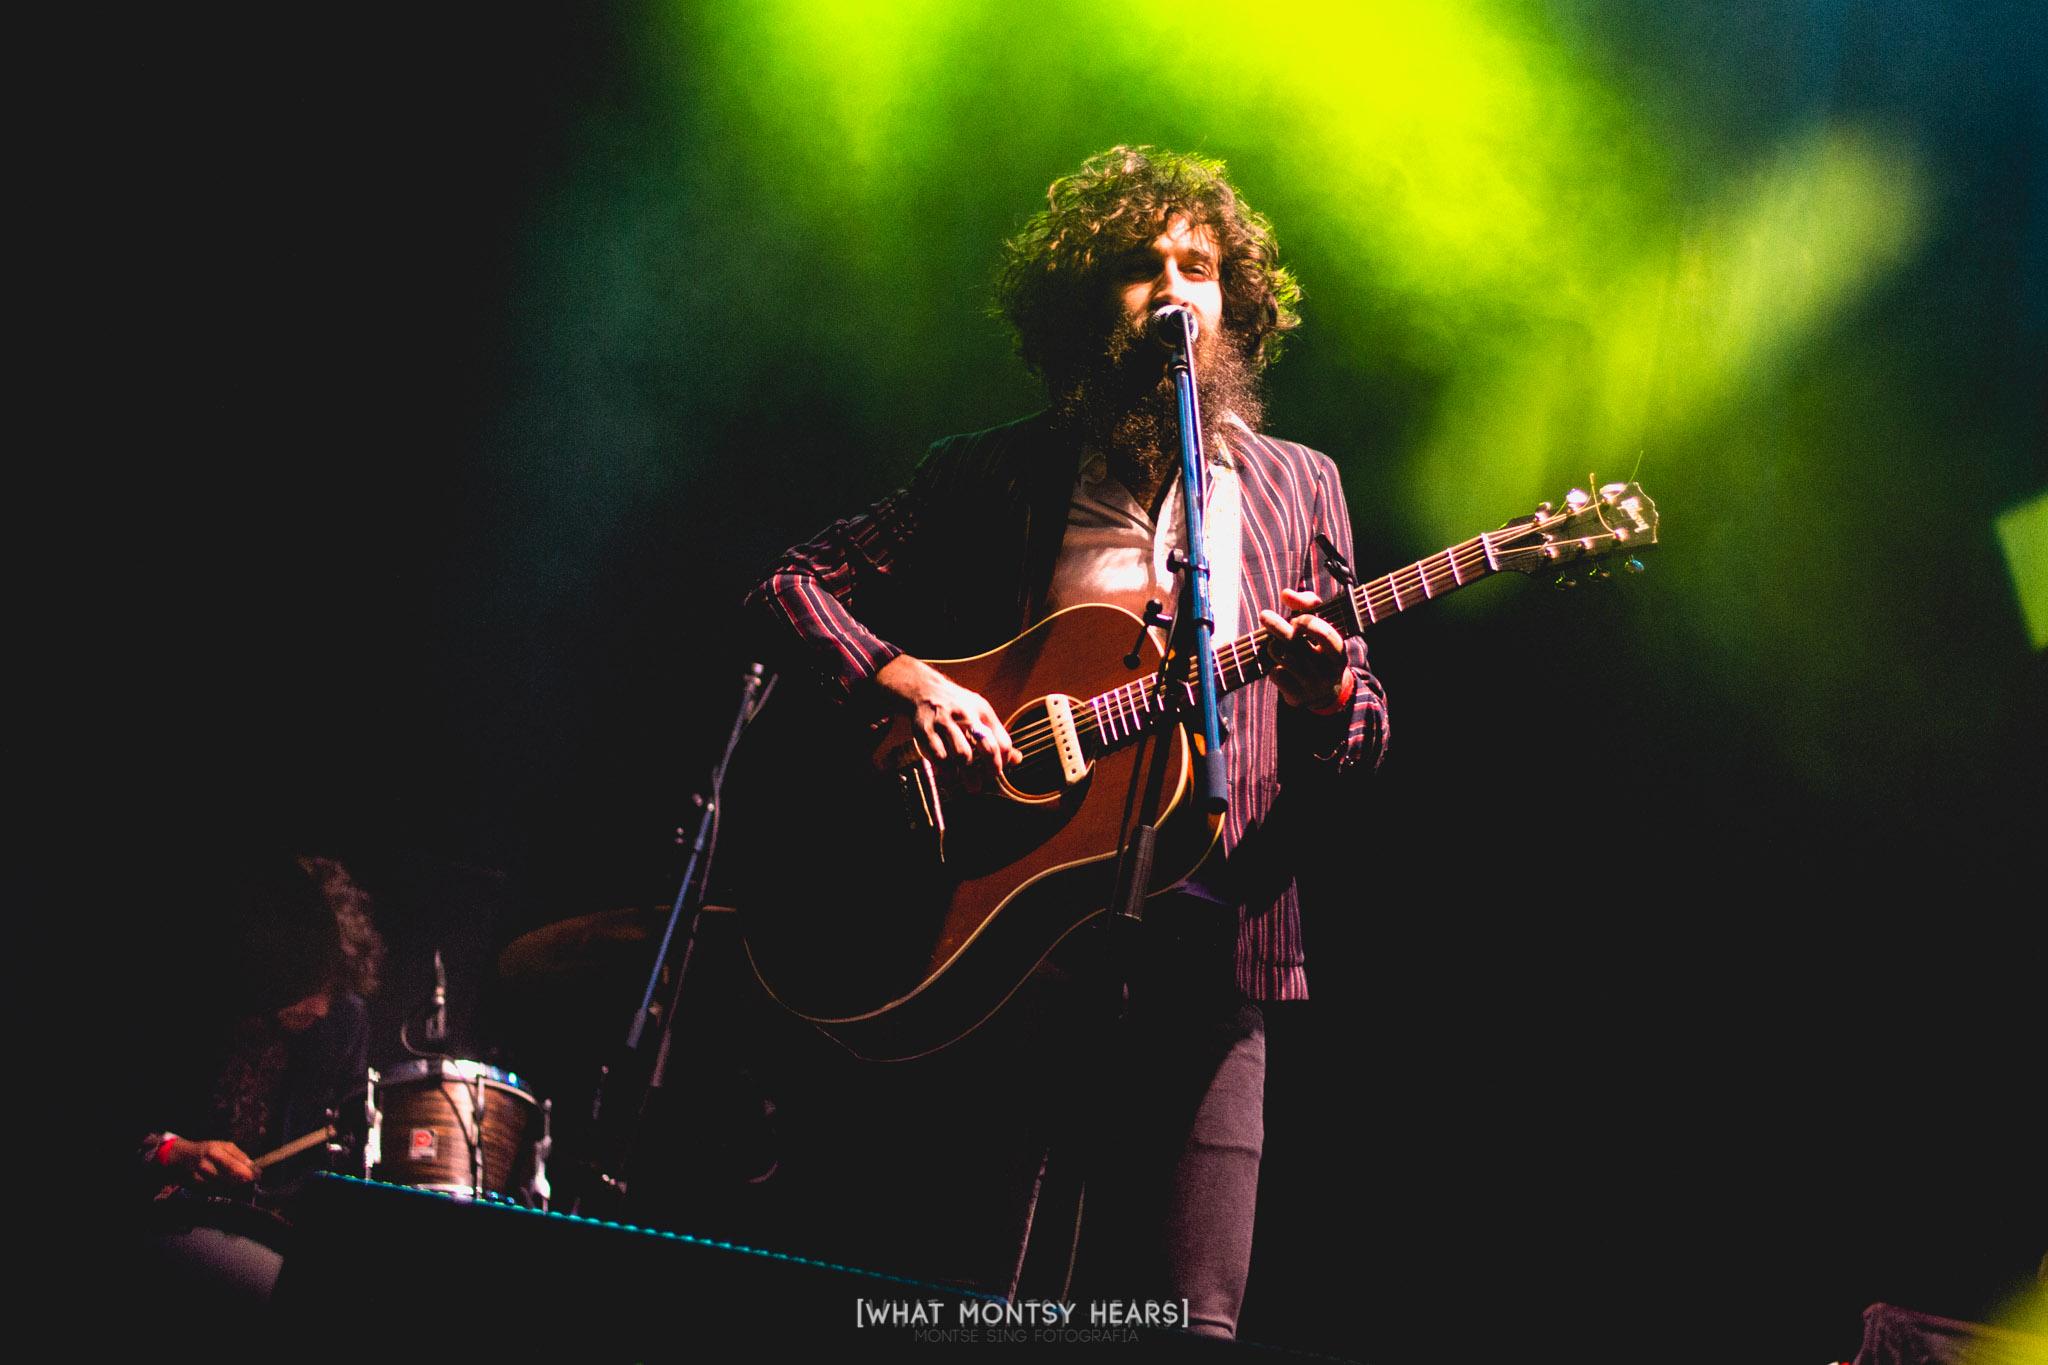 Foto Montse Sing